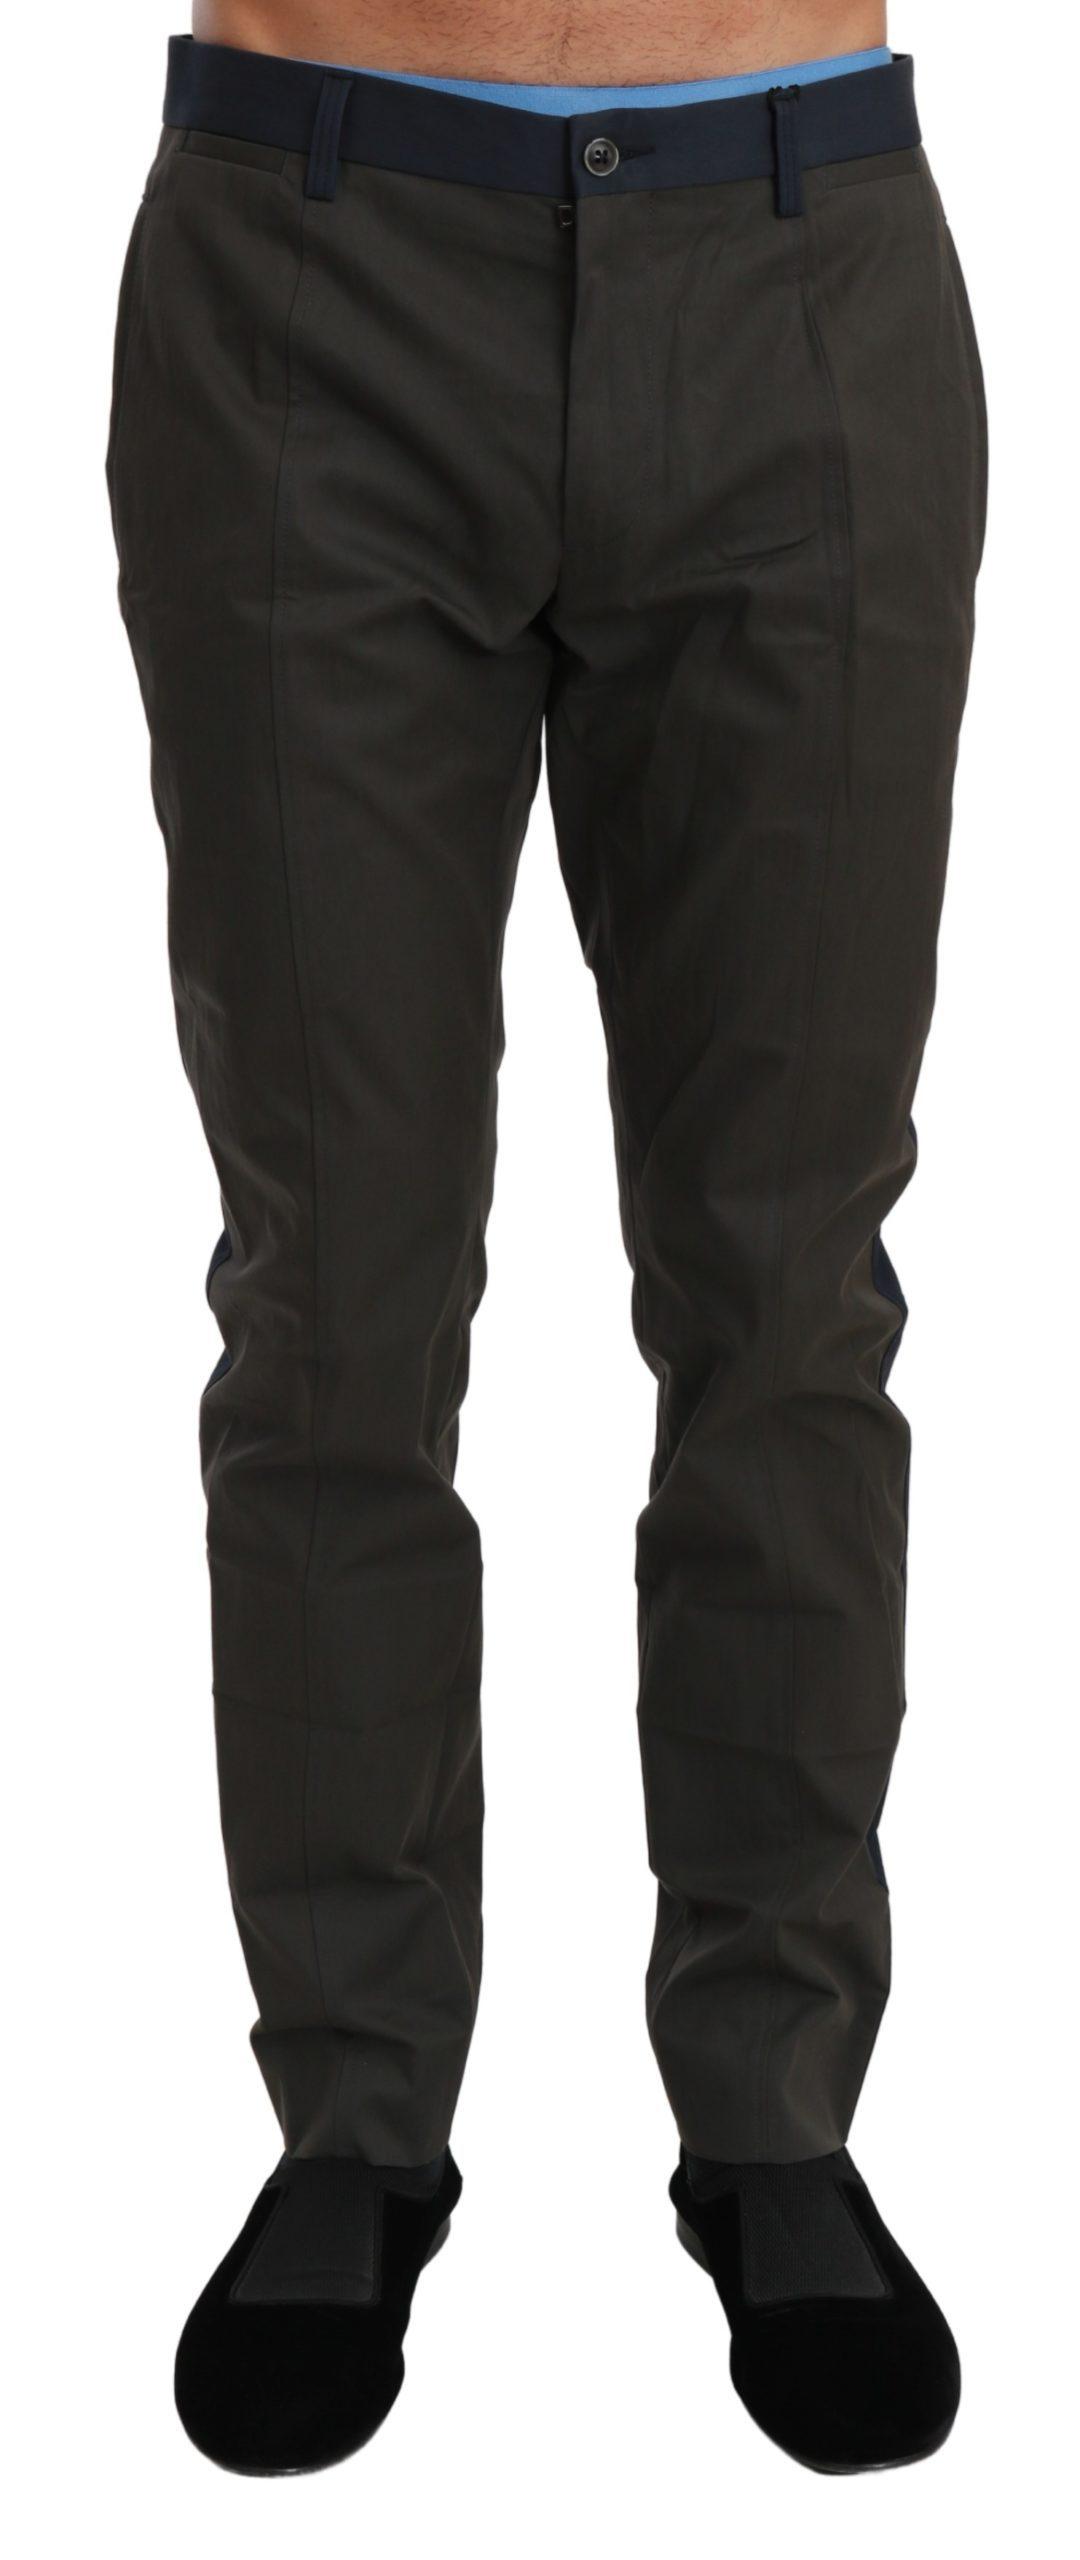 Dolce & Gabbana Men's Stripes Trouser Cotton Trouser Gray PAN70980 - IT44 | XS